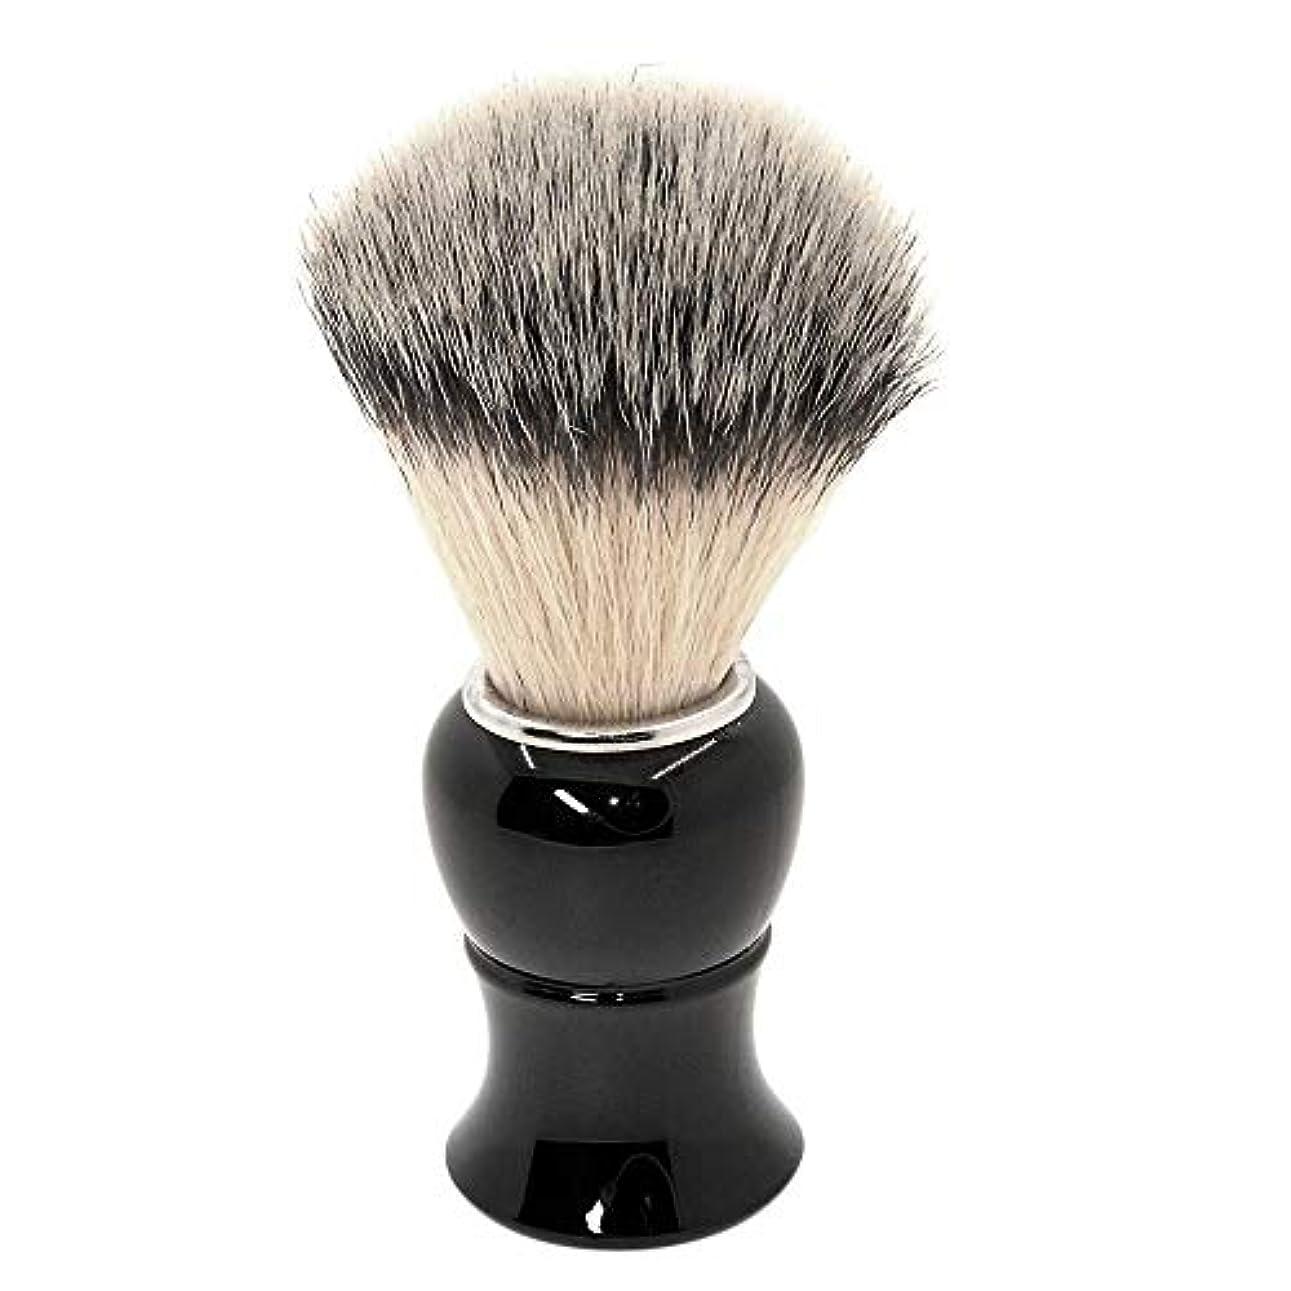 ネットインク忙しいあごひげケア 美容ツール シェービング ブラシ 泡立ち アナグマ 毛 理容 洗顔 髭剃り マッサージ 効果